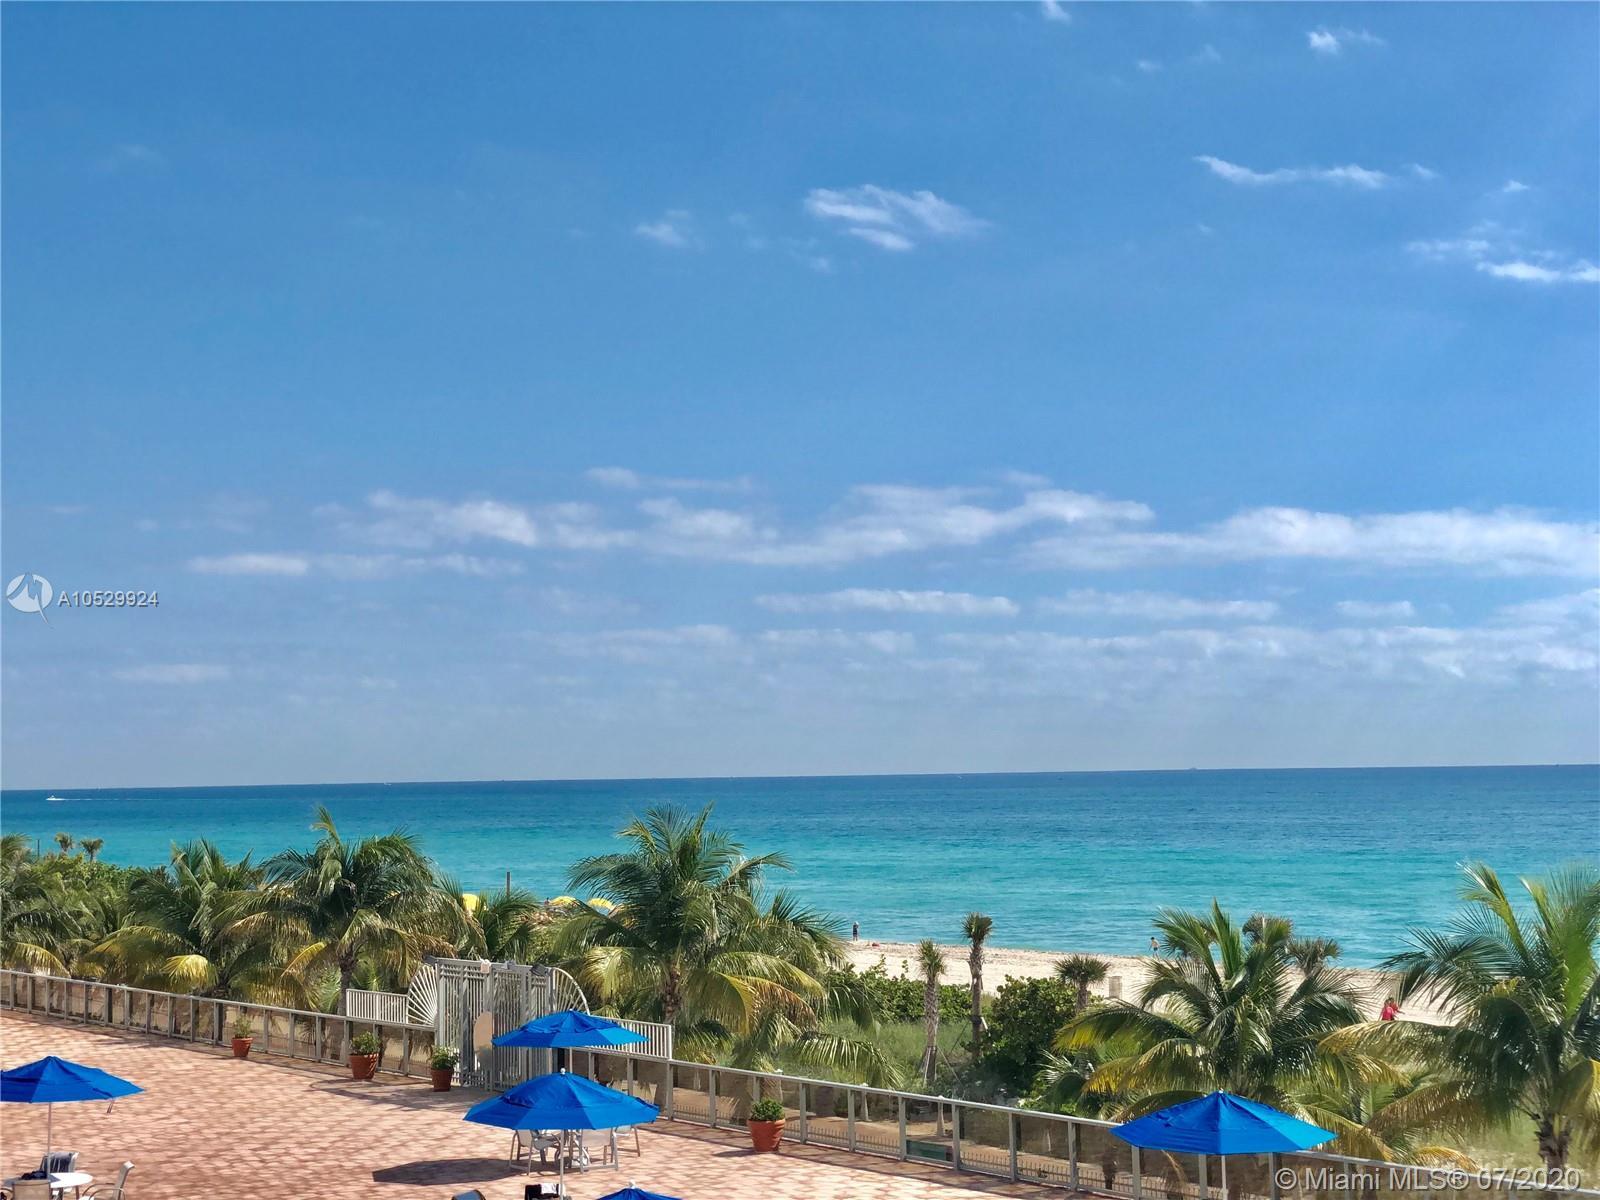 Maison Grande #426 - 6039 Collins Ave #426, Miami Beach, FL 33140